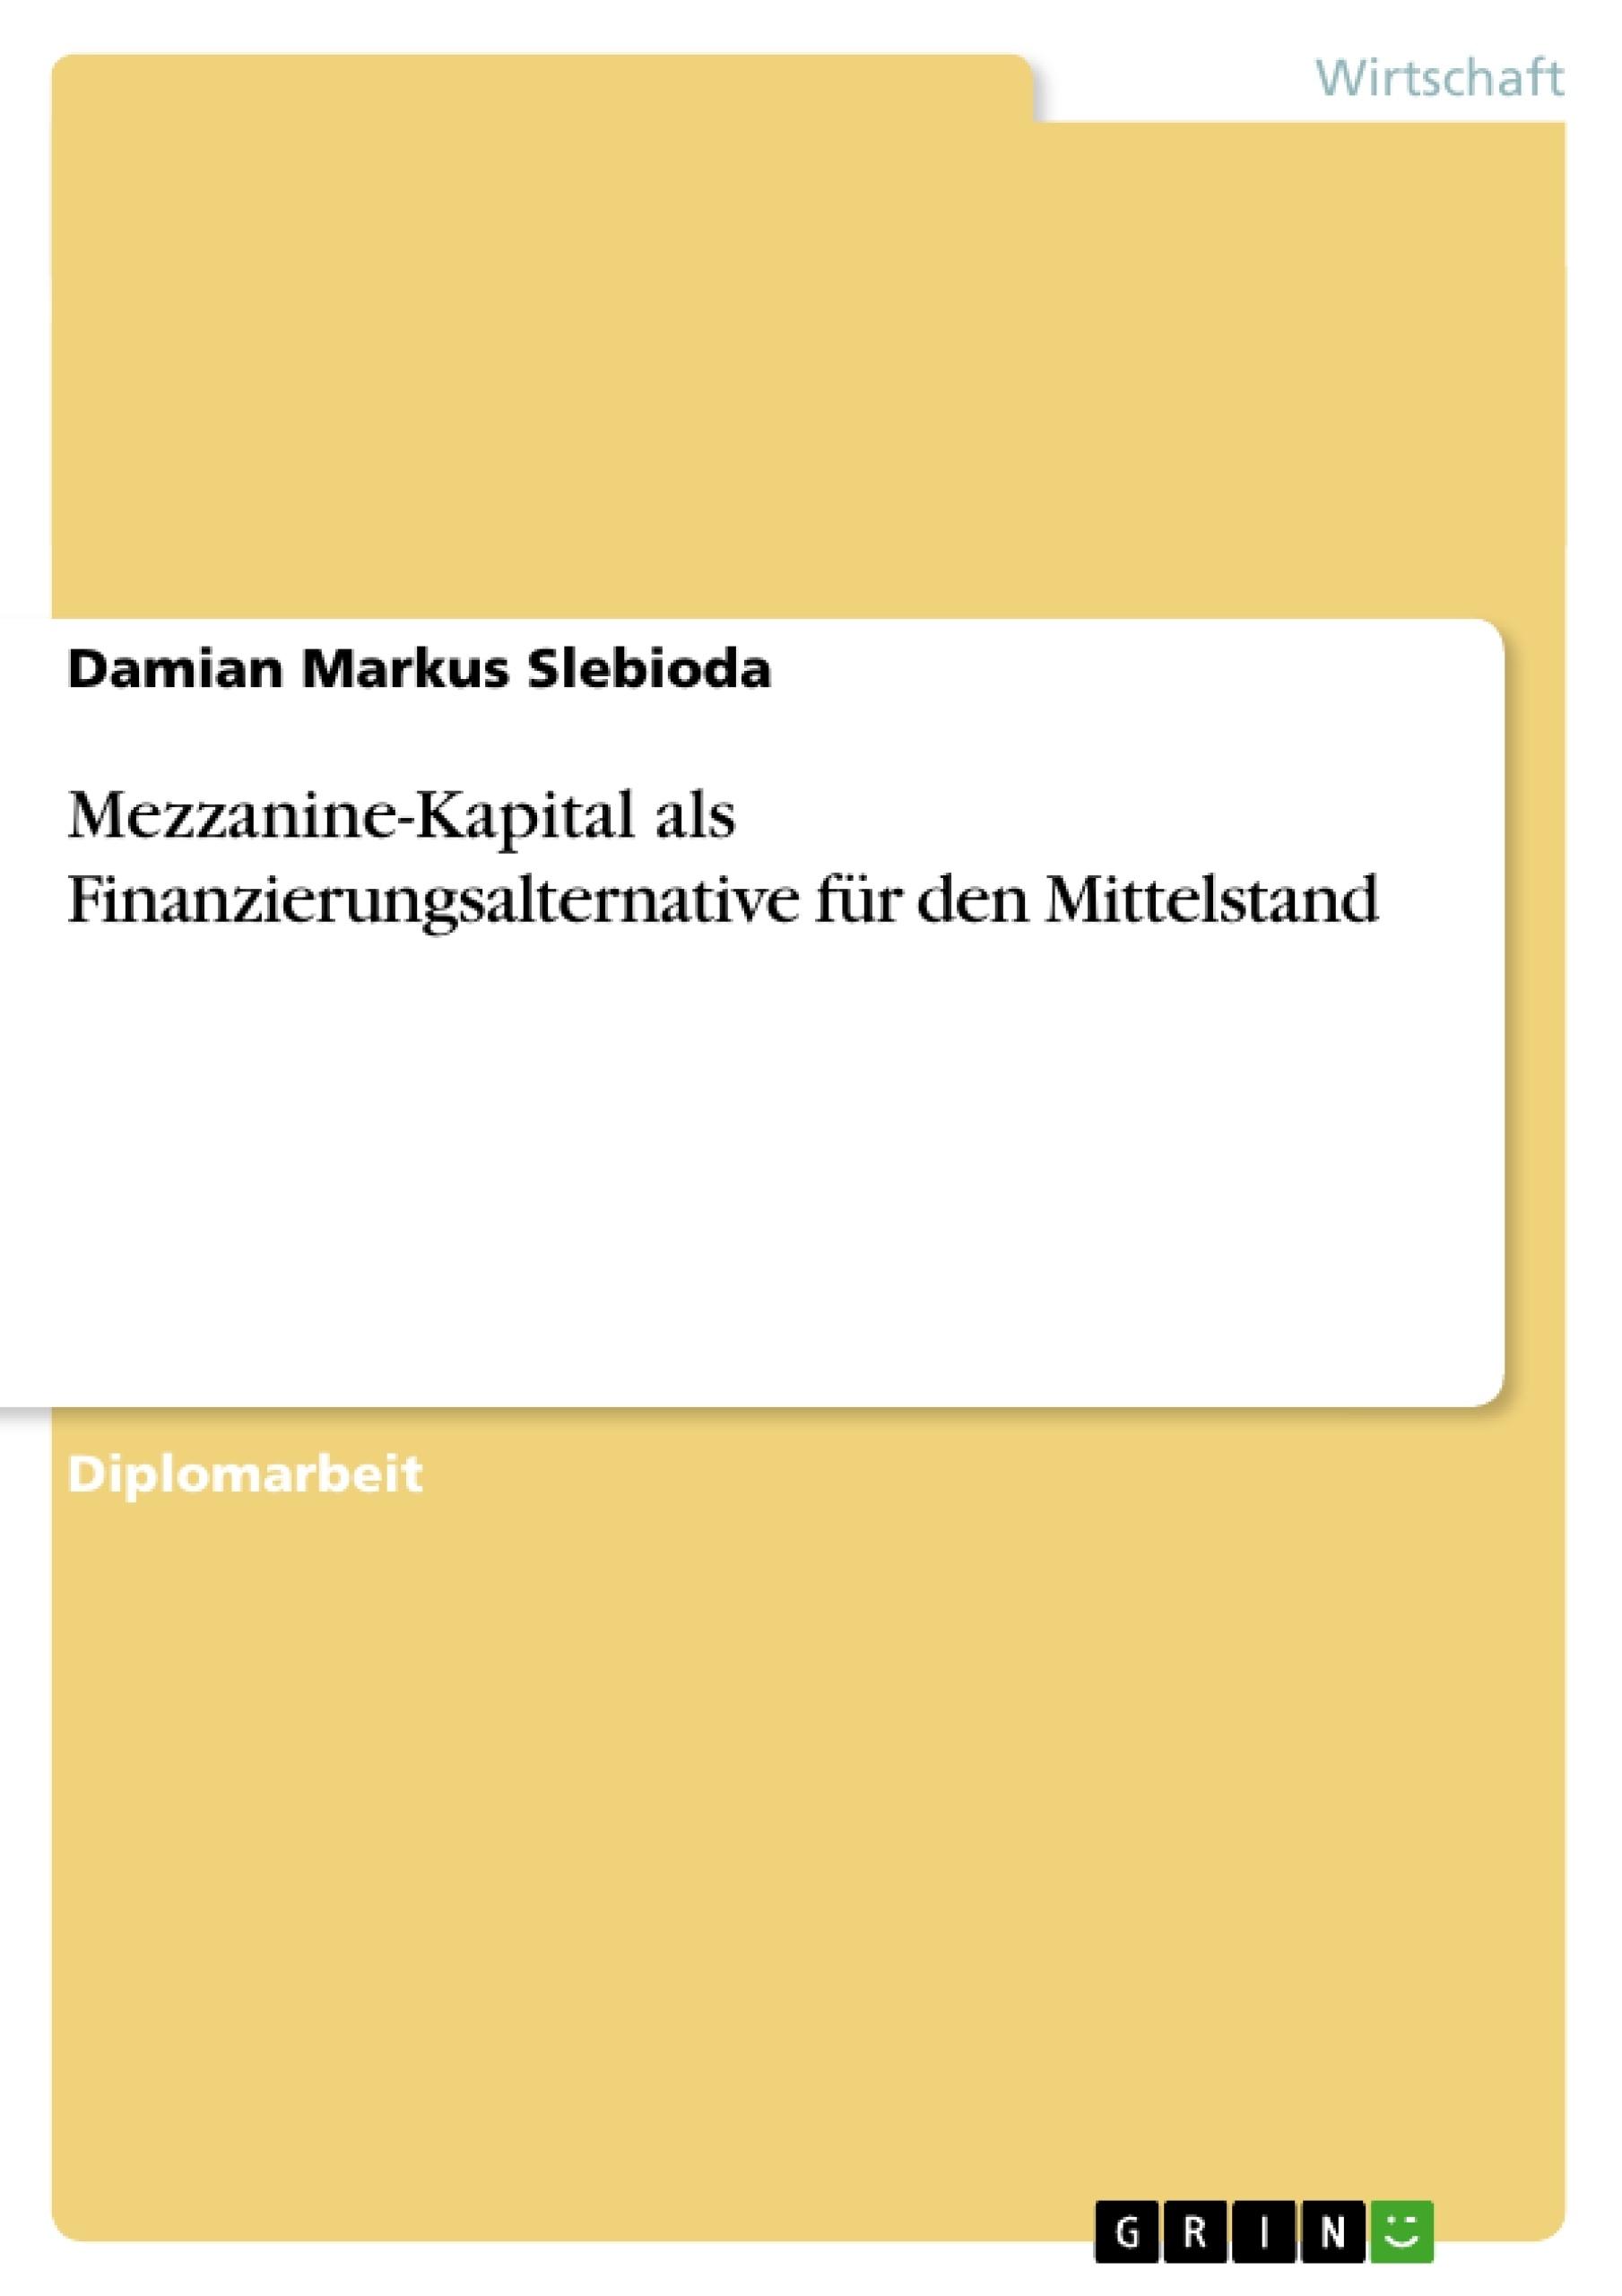 Titel: Mezzanine-Kapital als Finanzierungsalternative für den Mittelstand